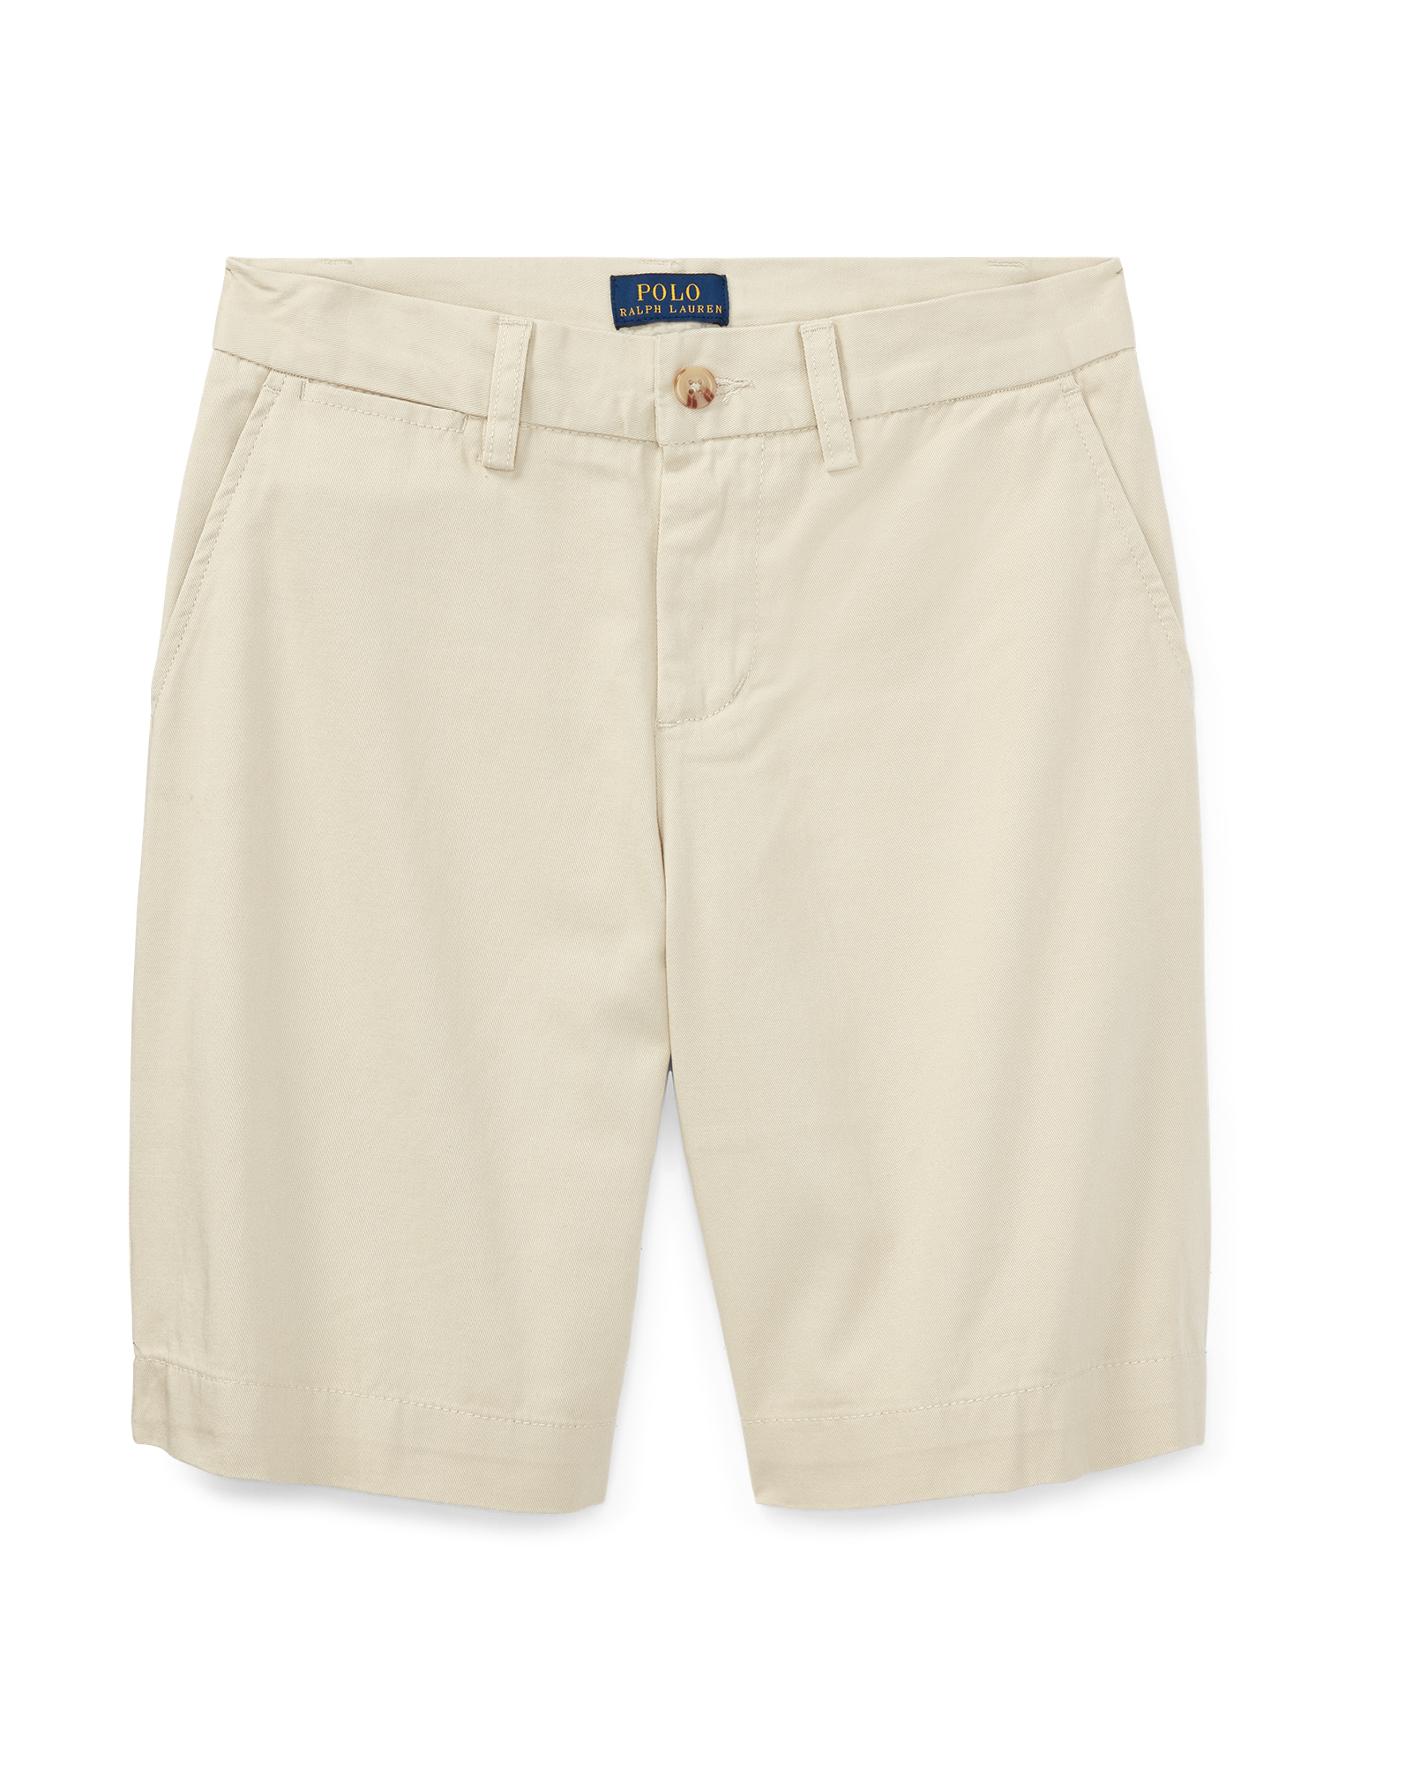 Boys' Cargo, Khaki, & Denim Shorts Sizes 8-20 | Ralph Lauren